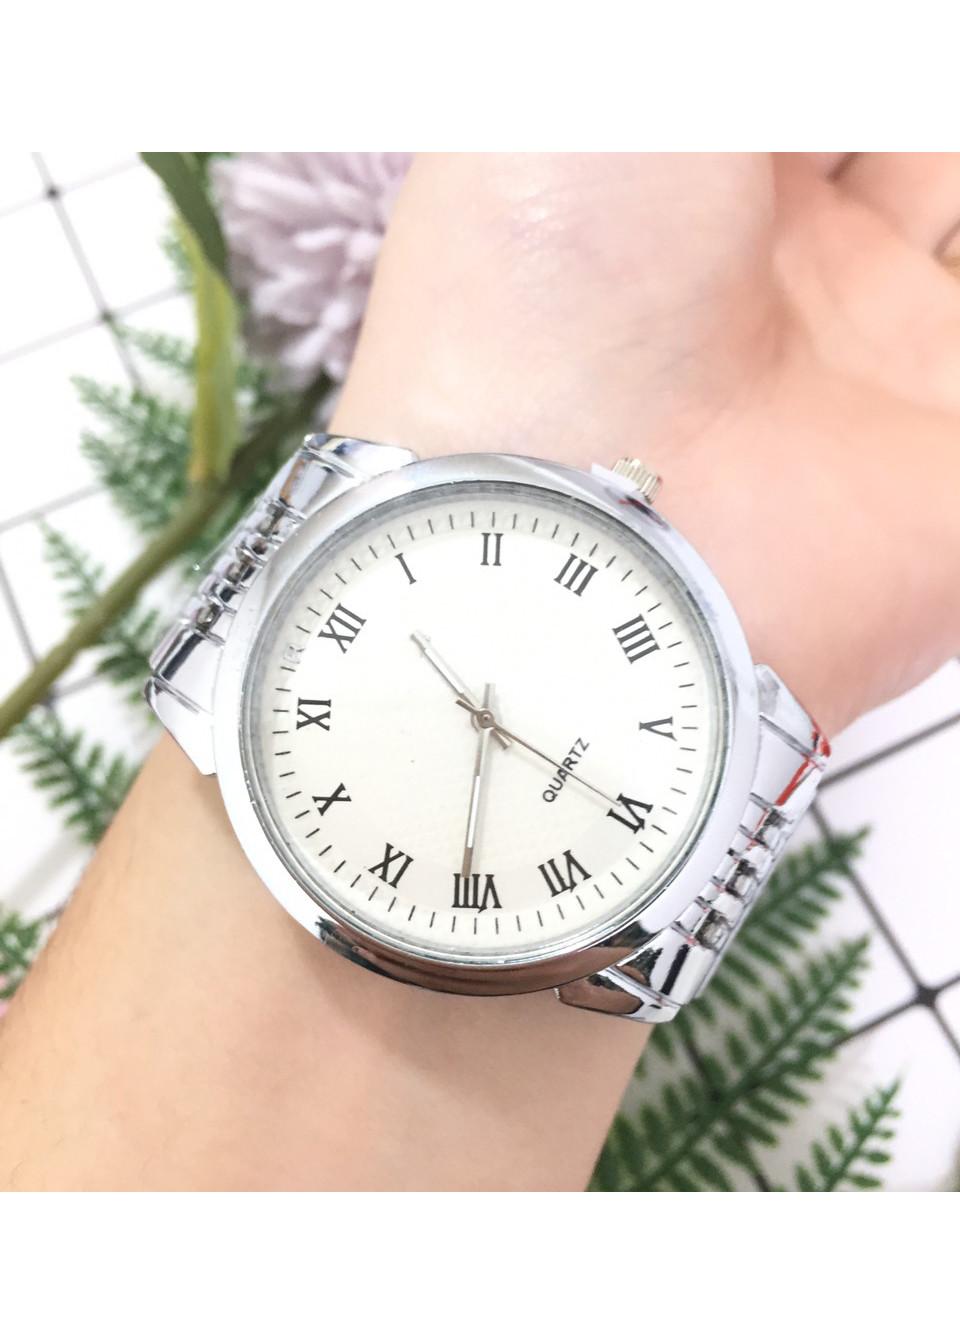 Đồng hồ thời trang nam nữ Rosrama mã số ZO62